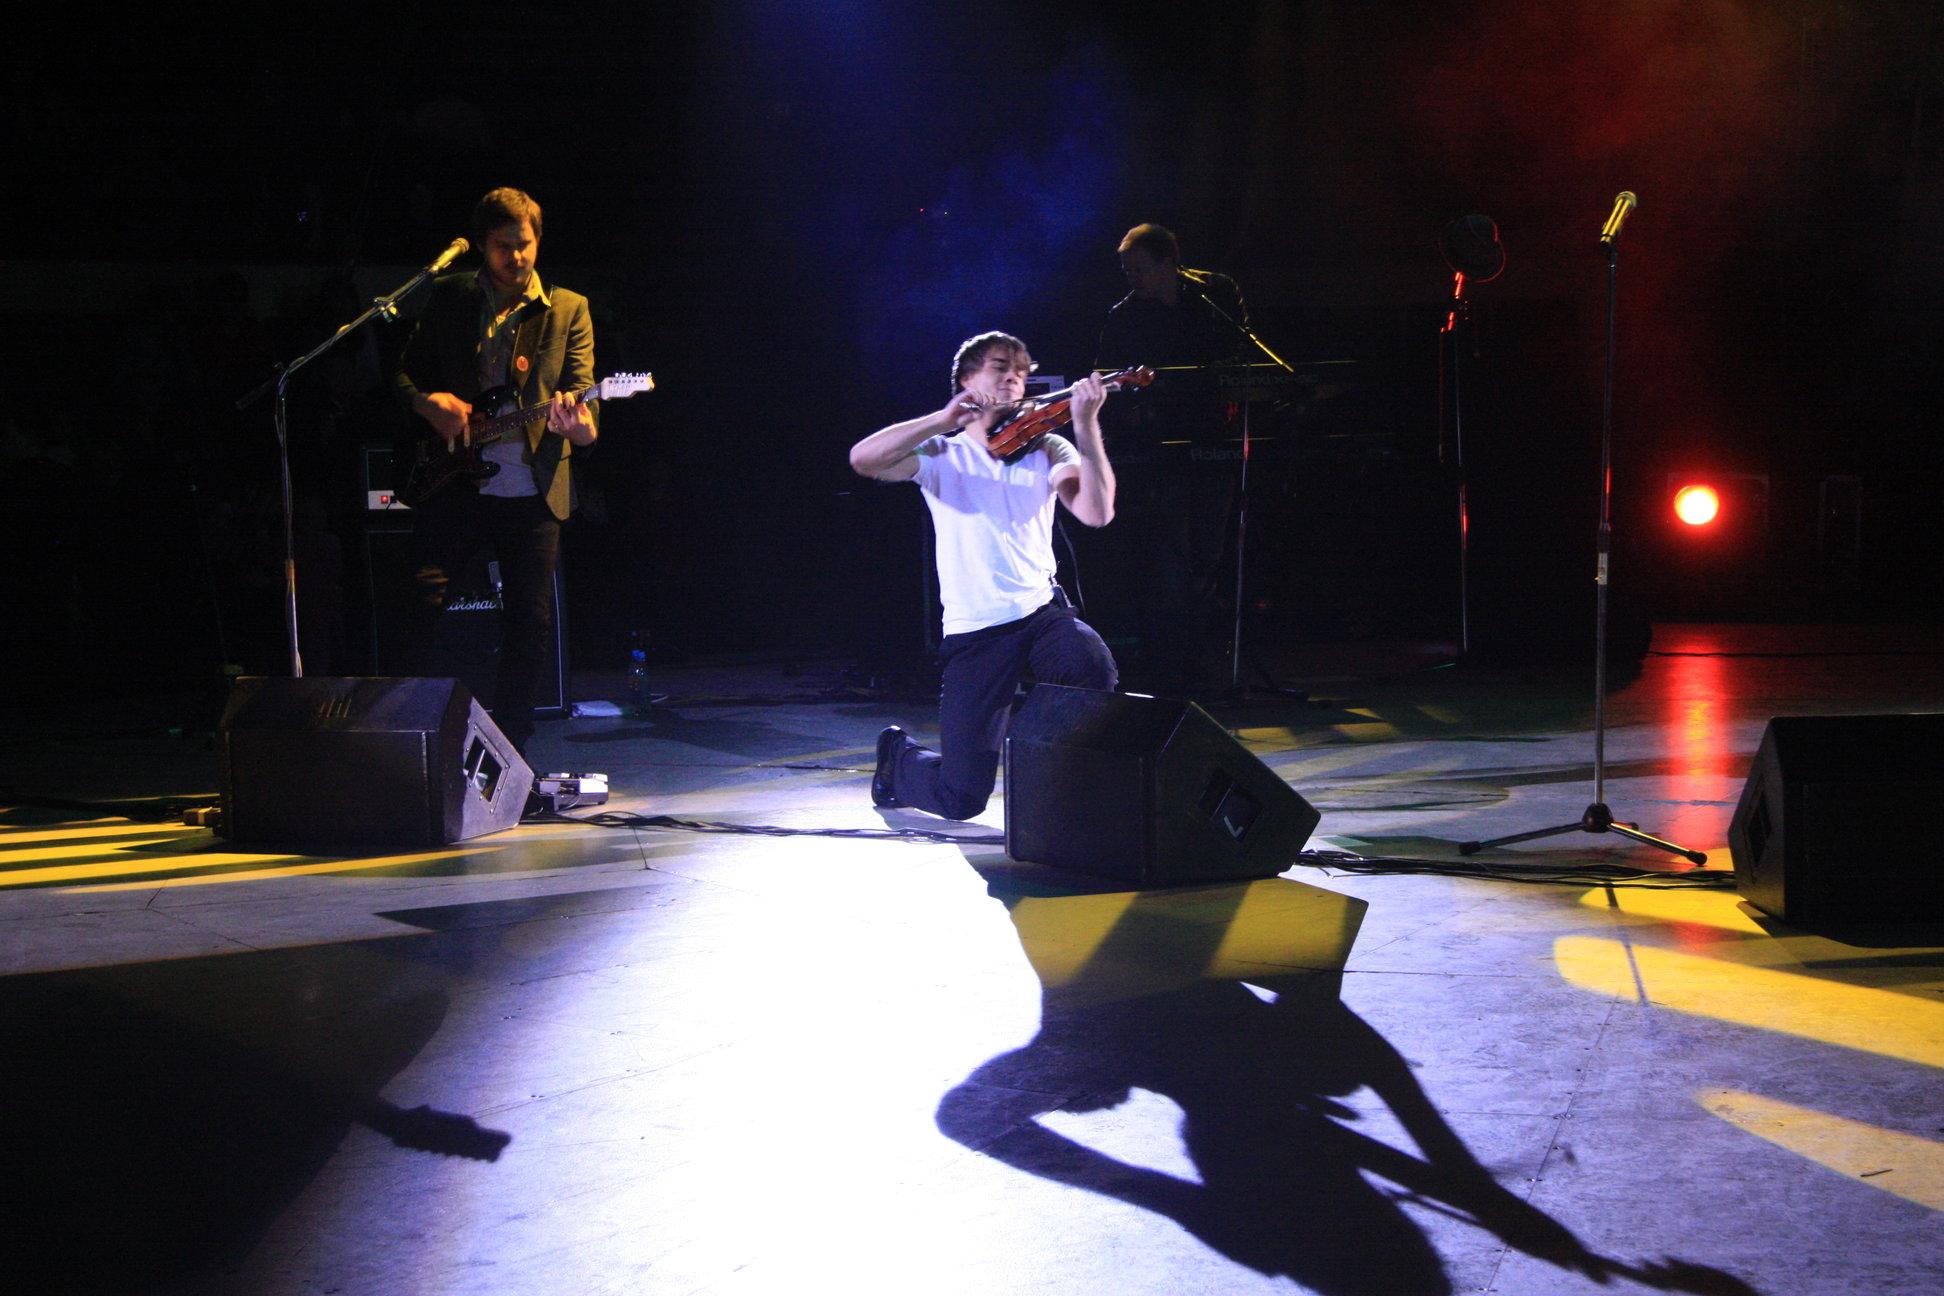 Performing at circus in Samara, Russia!